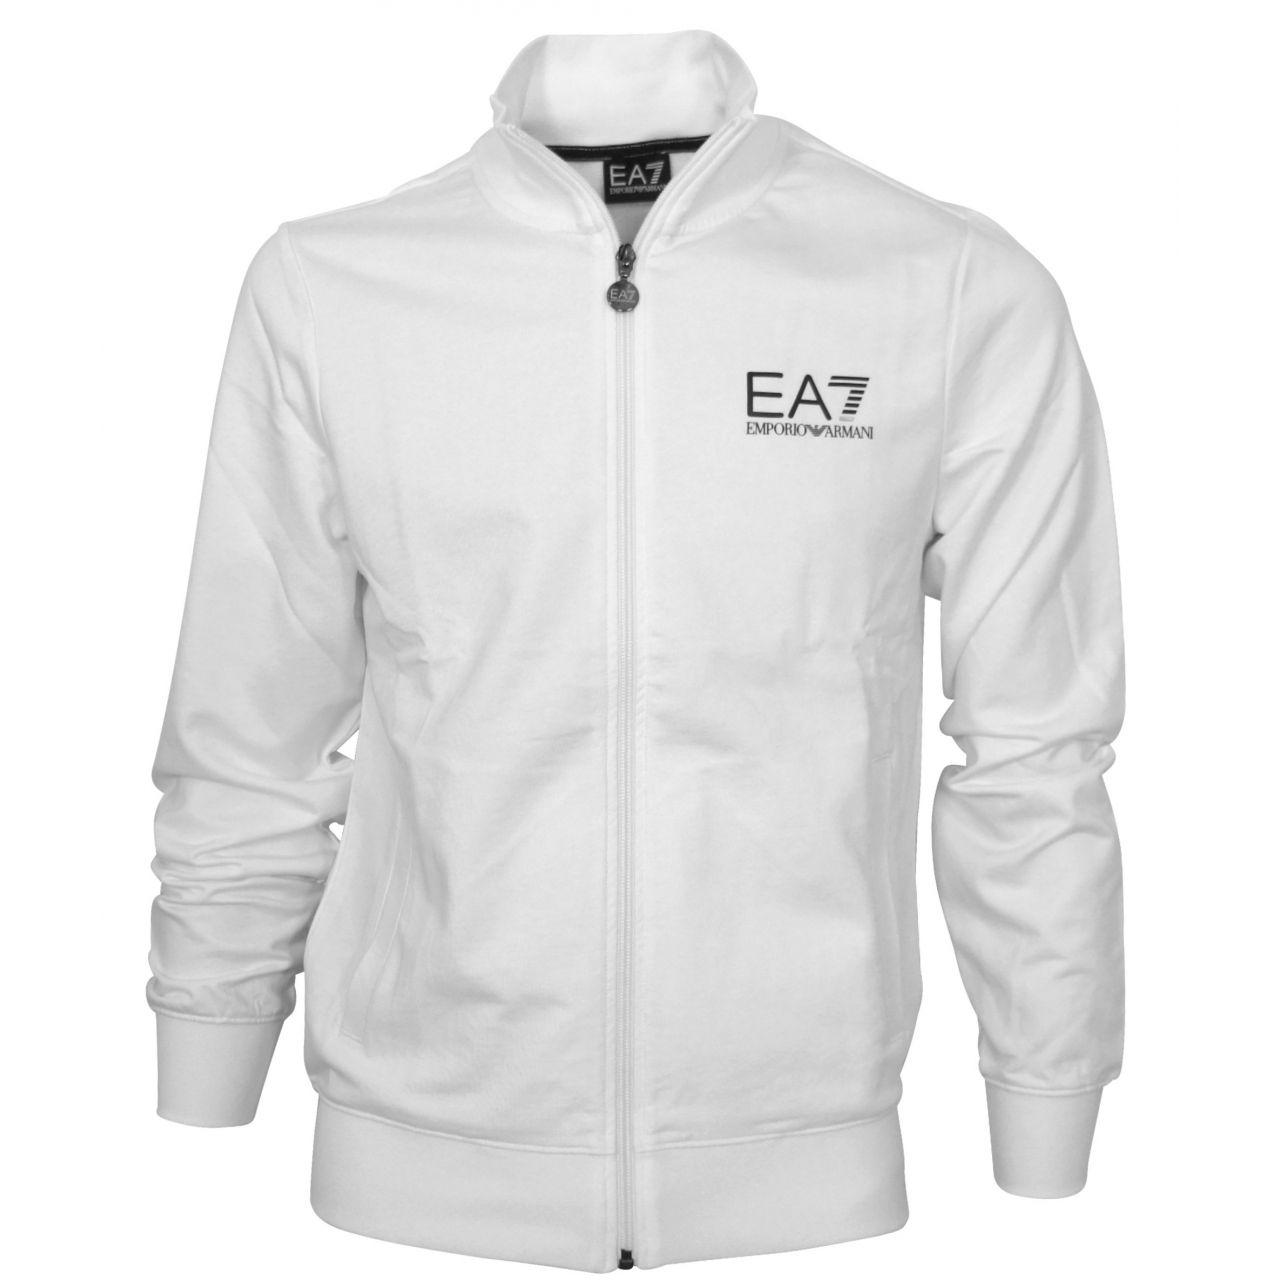 Veste ea7 blanche